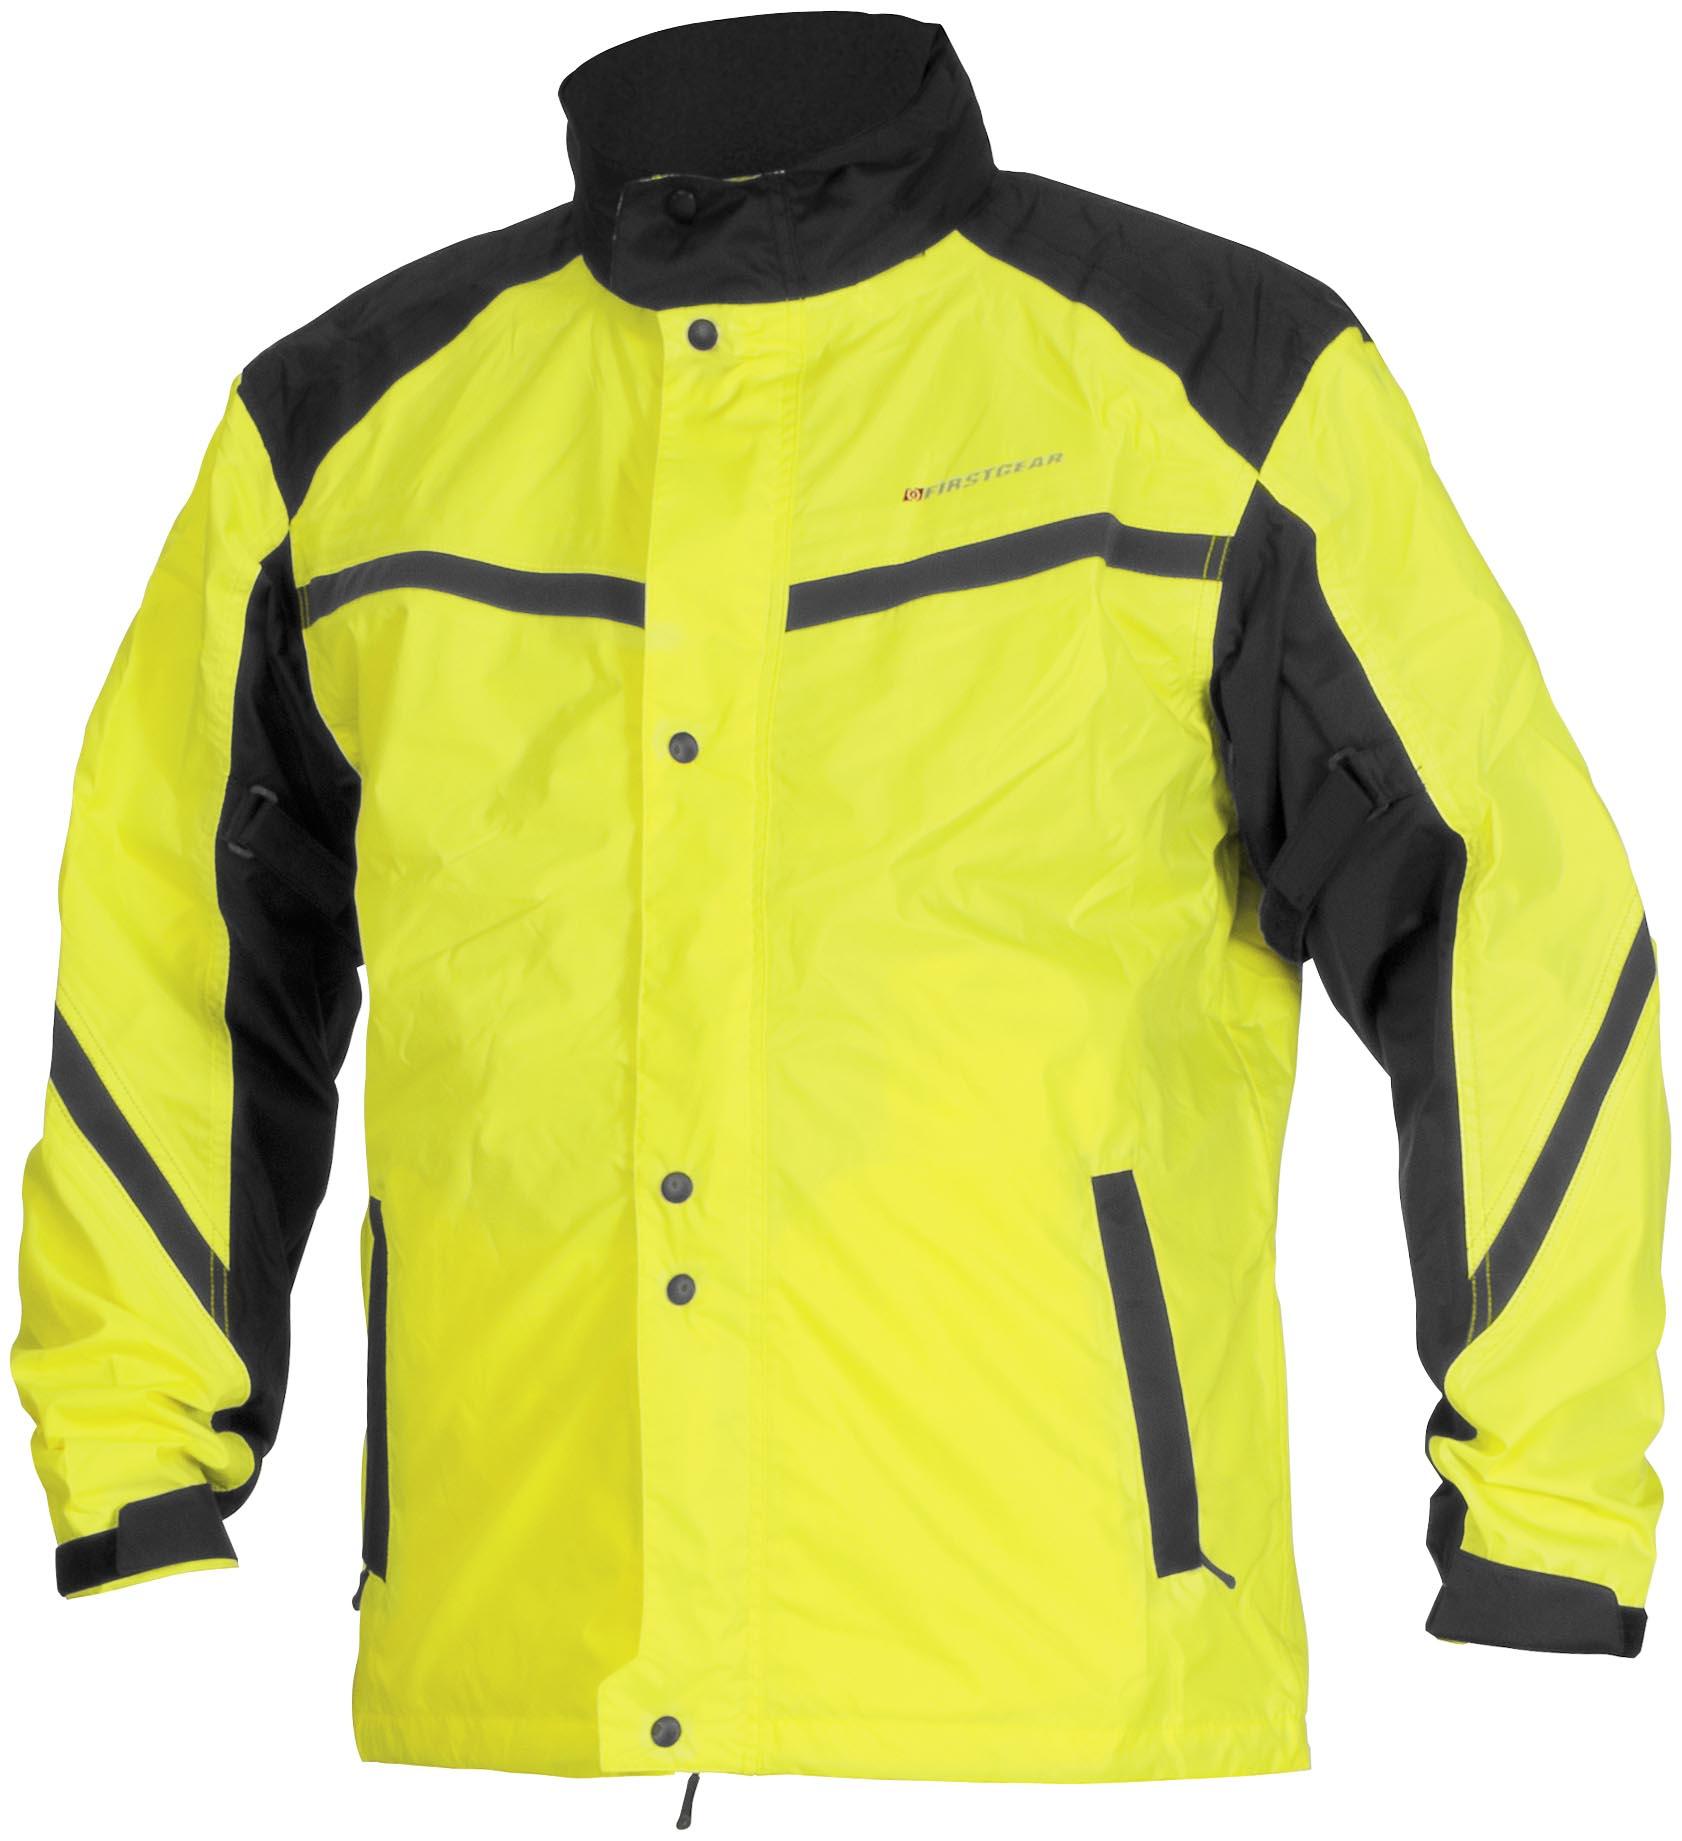 Sierra Day Glo Jacket